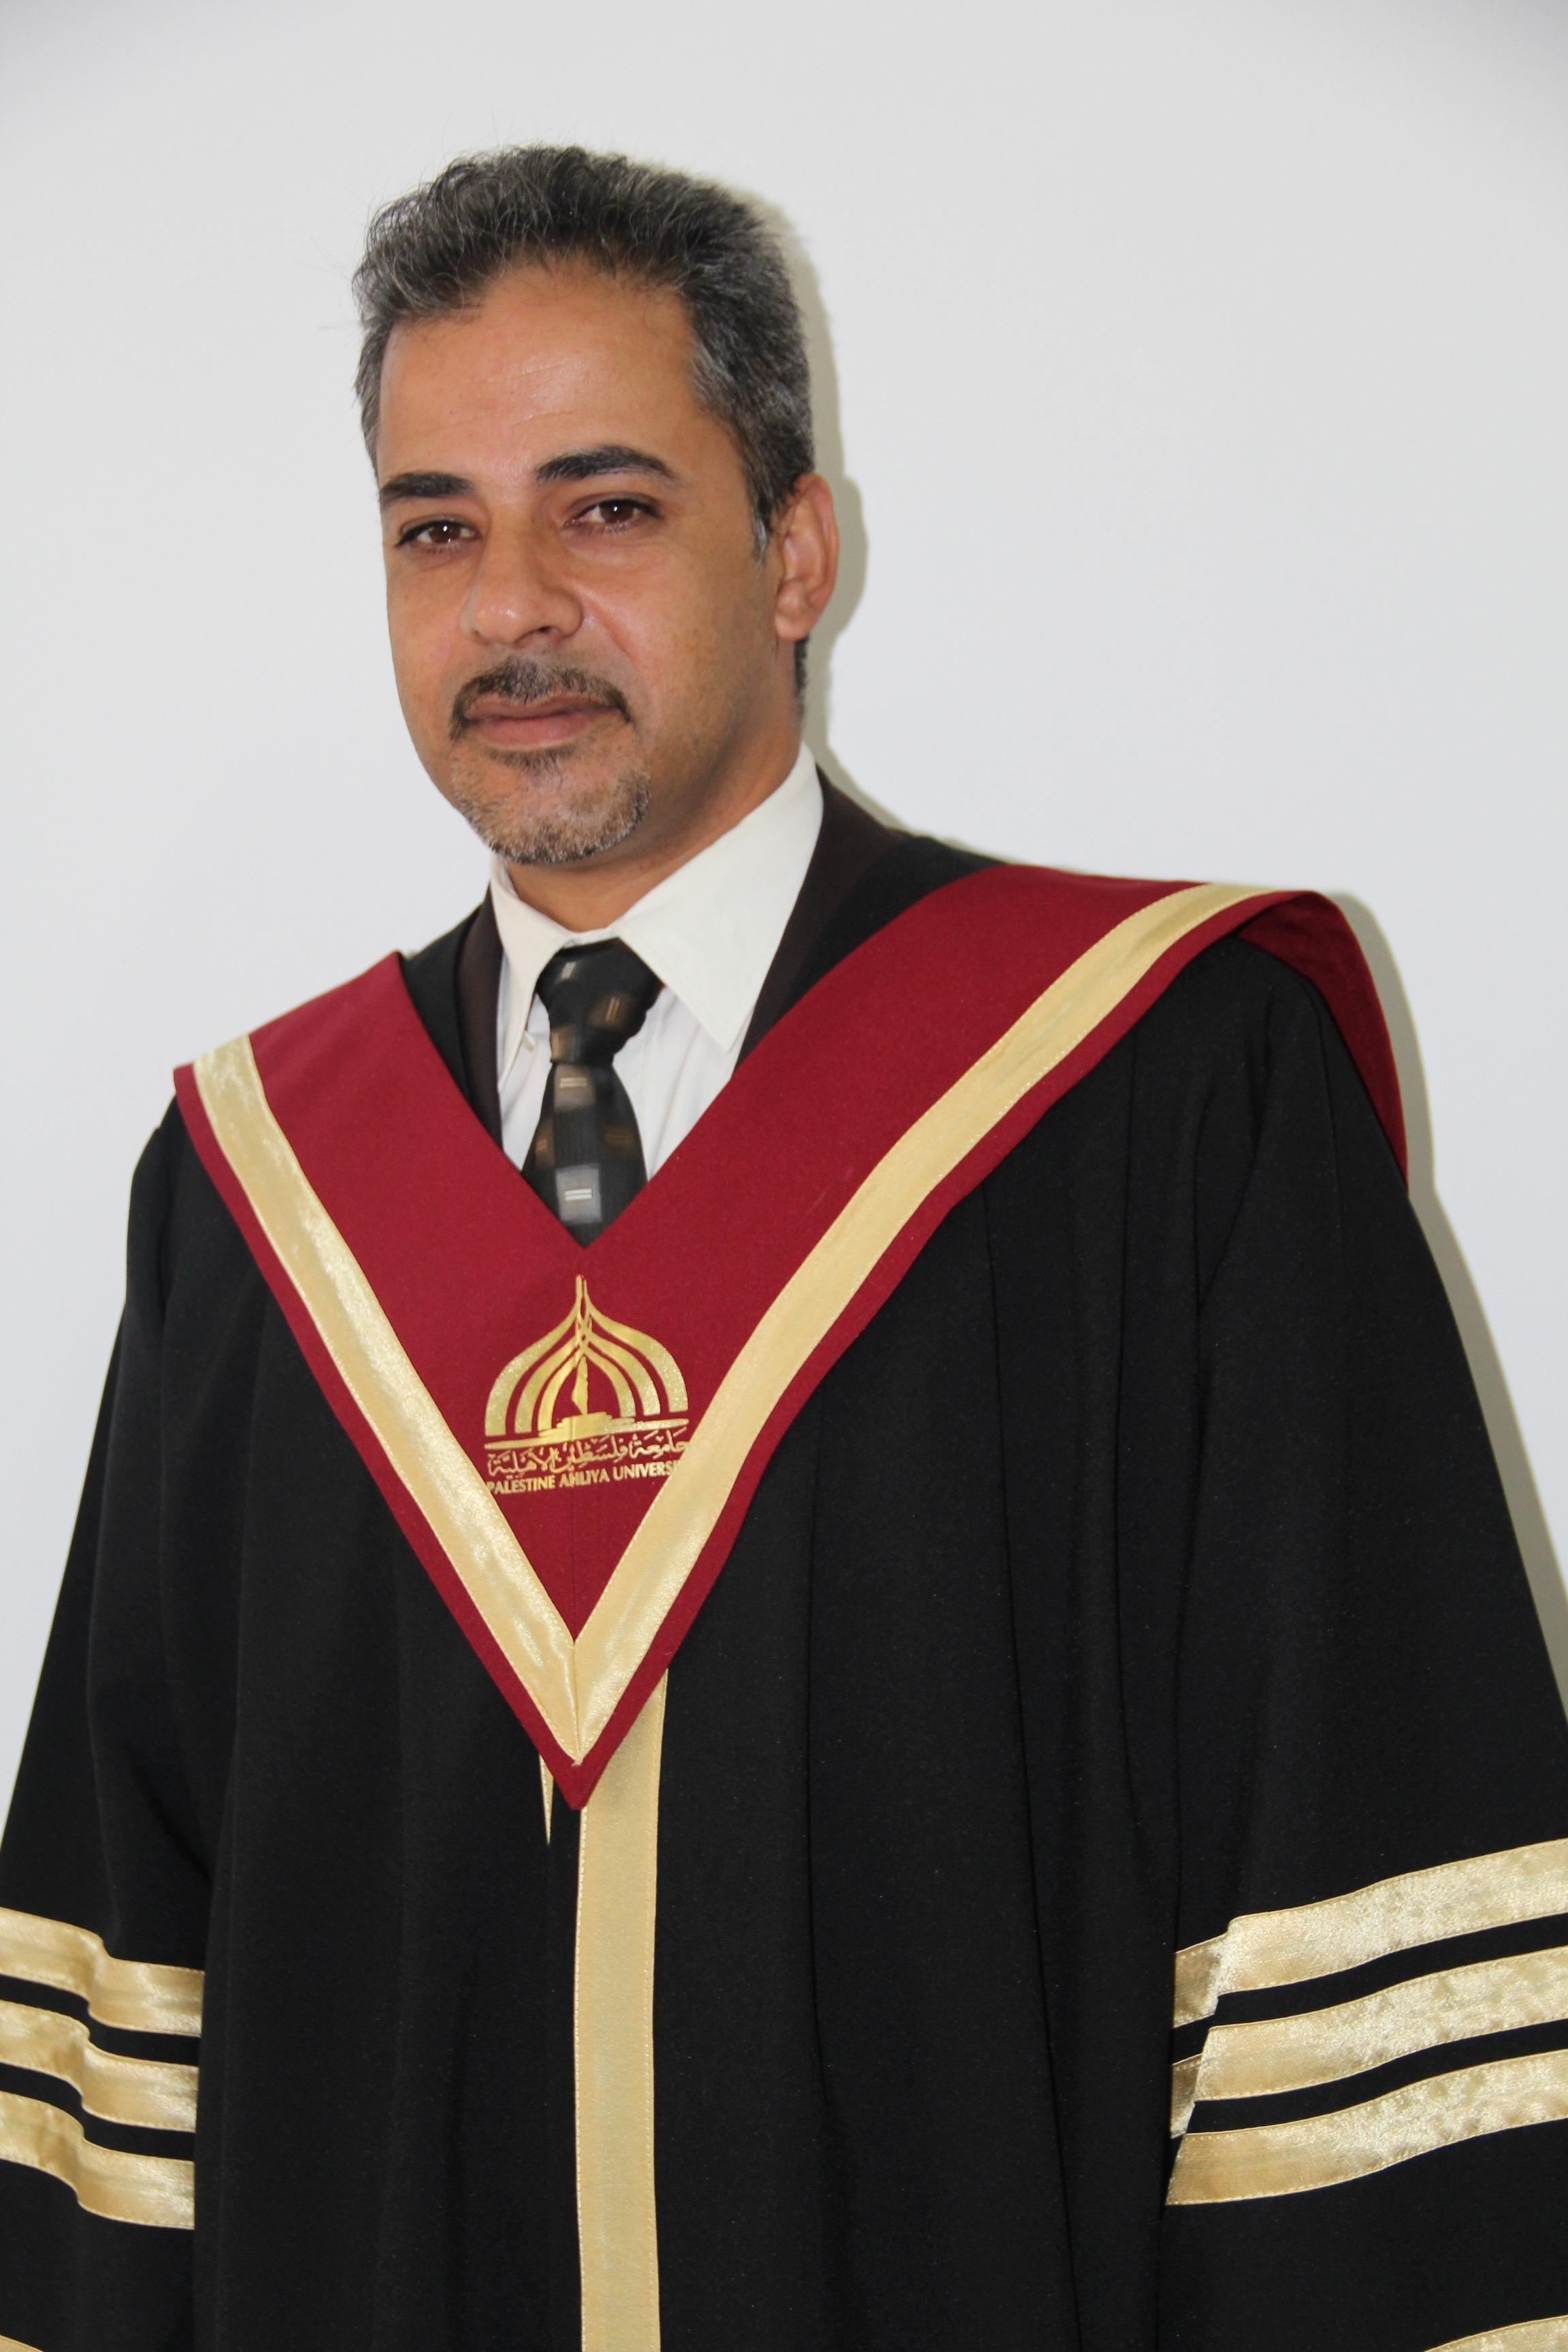 نشر بحث علمي محكم في المجلة الإلكترونية الشاملة متعددة المعرفة من قبل الدكتور علي أبو مارية